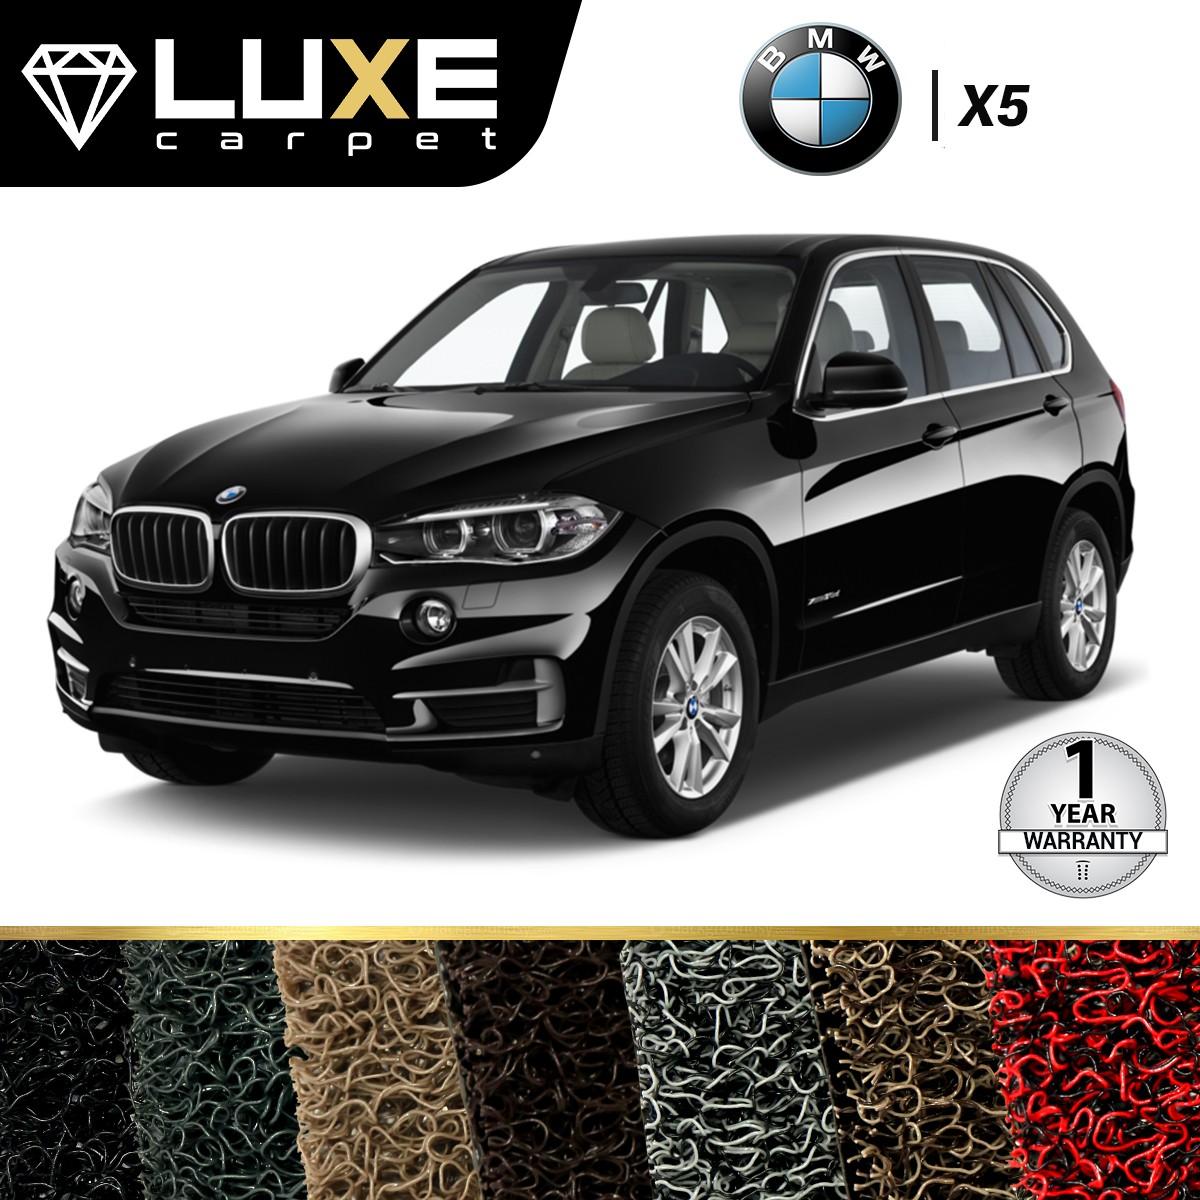 KARPET LUXE + BAGASI BMW X5 2013 UP - GOLD SERIES